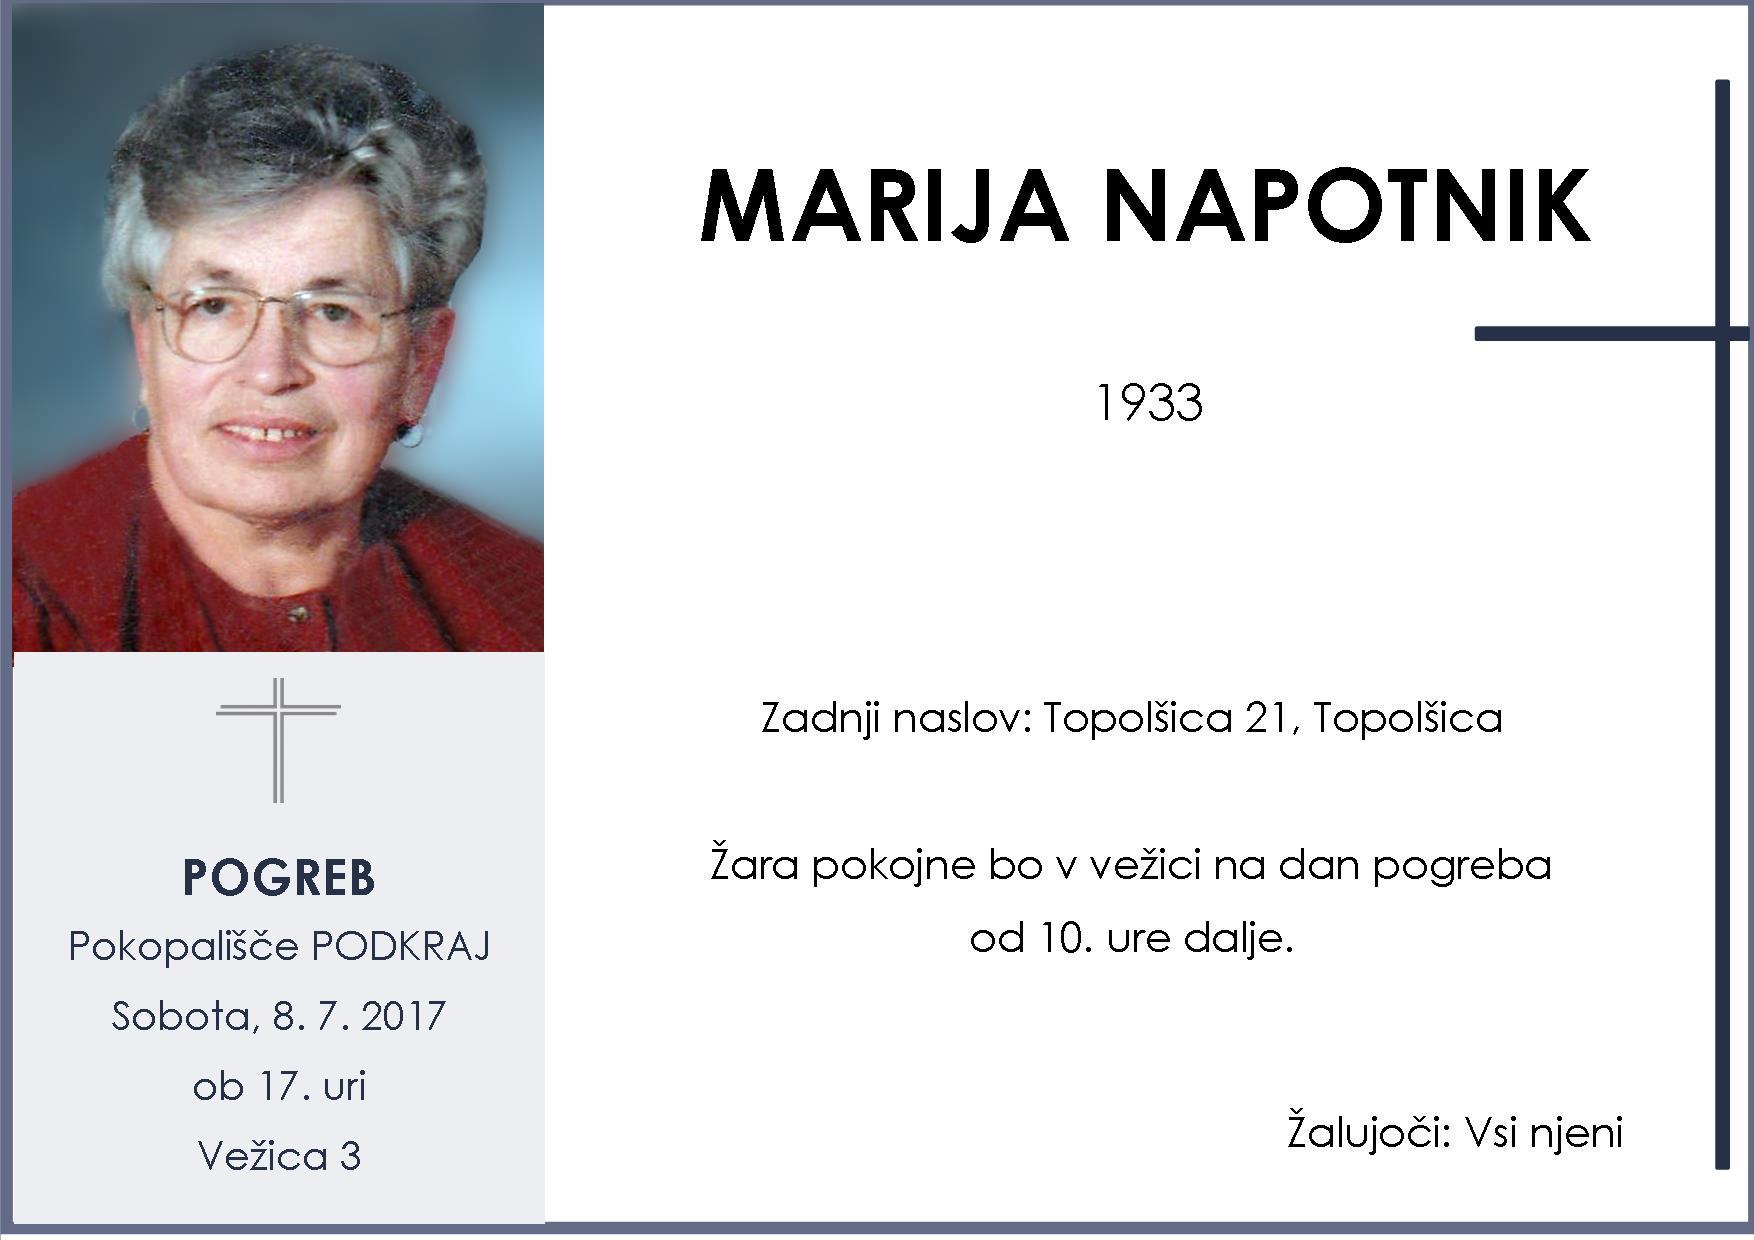 MARIJA NAPOTNIK, Podkraj, 8. 7. 2017